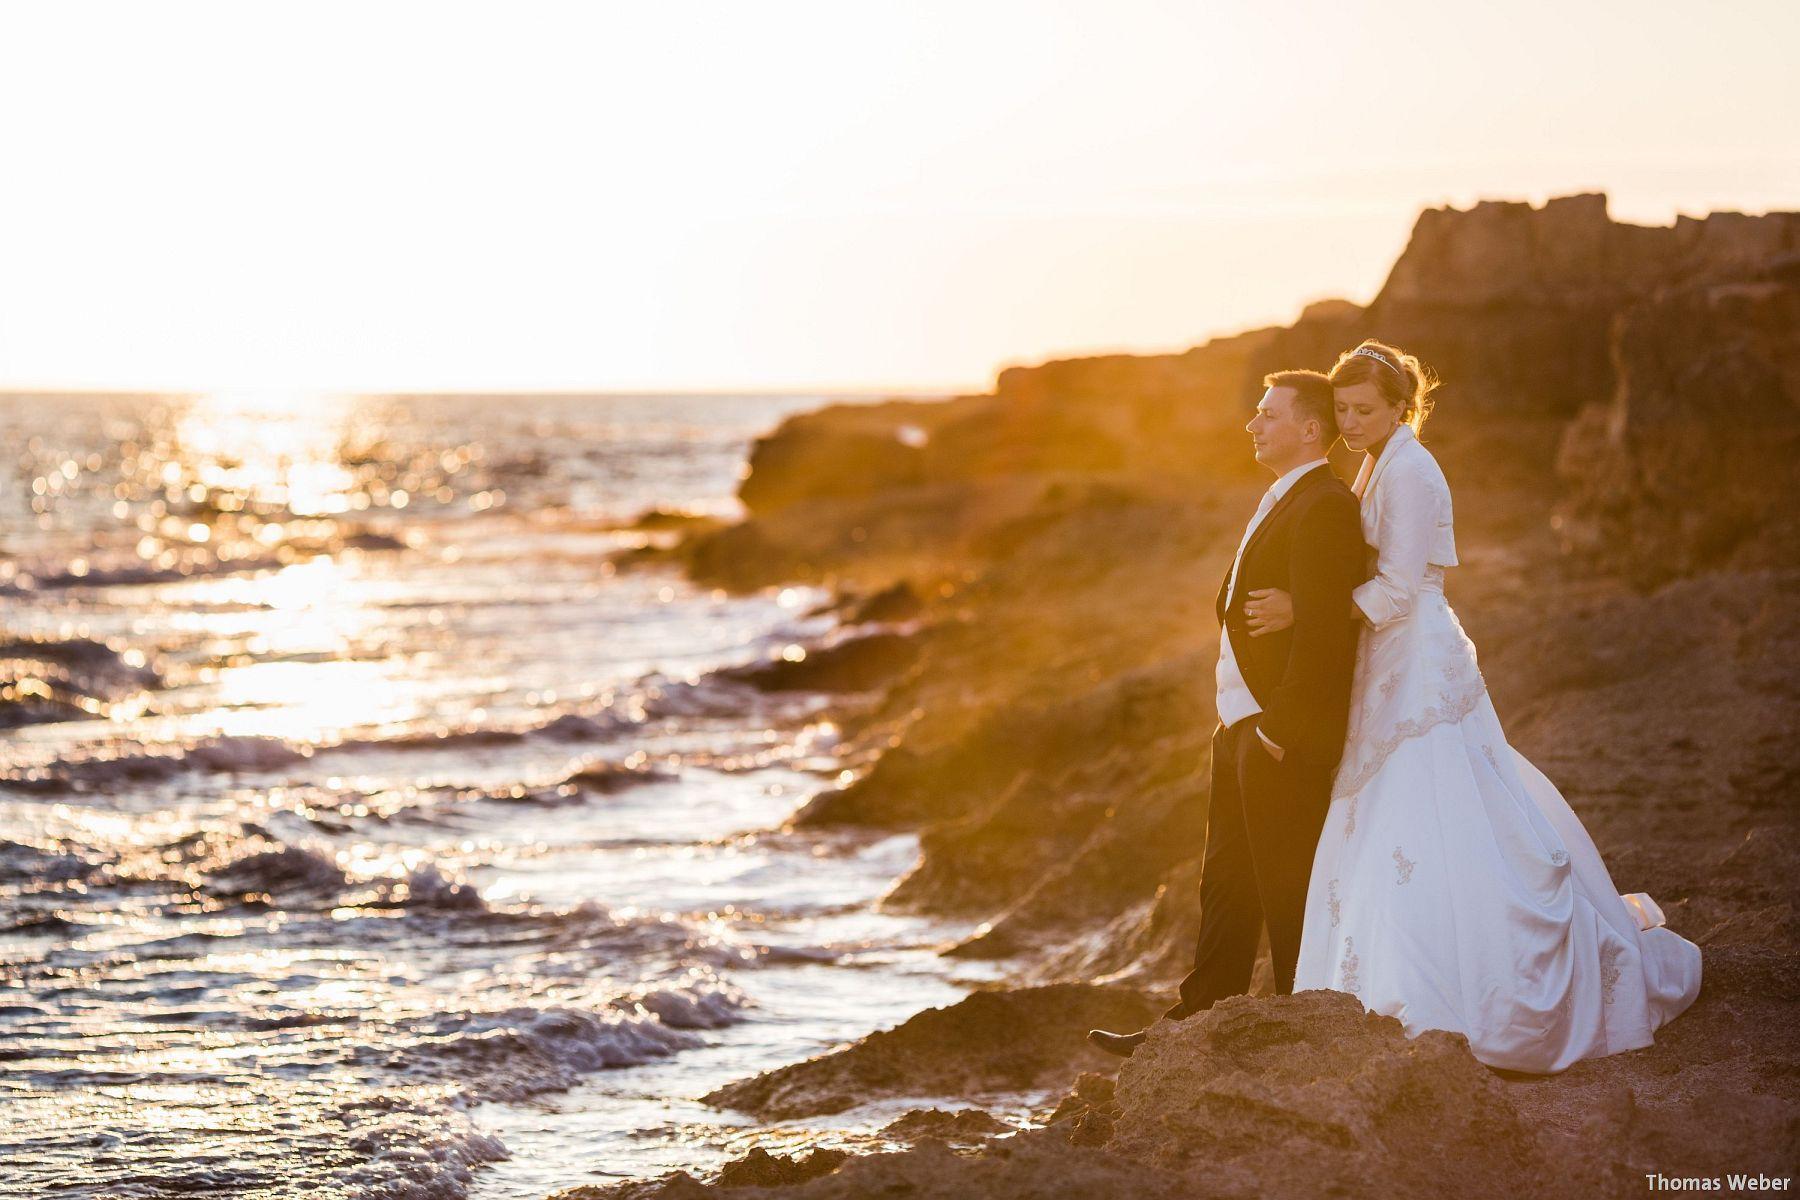 Hochzeitsfotograf Thomas Weber aus Oldenburg: Hochzeitsfotos und Paarfotos auf Mallorca (13)